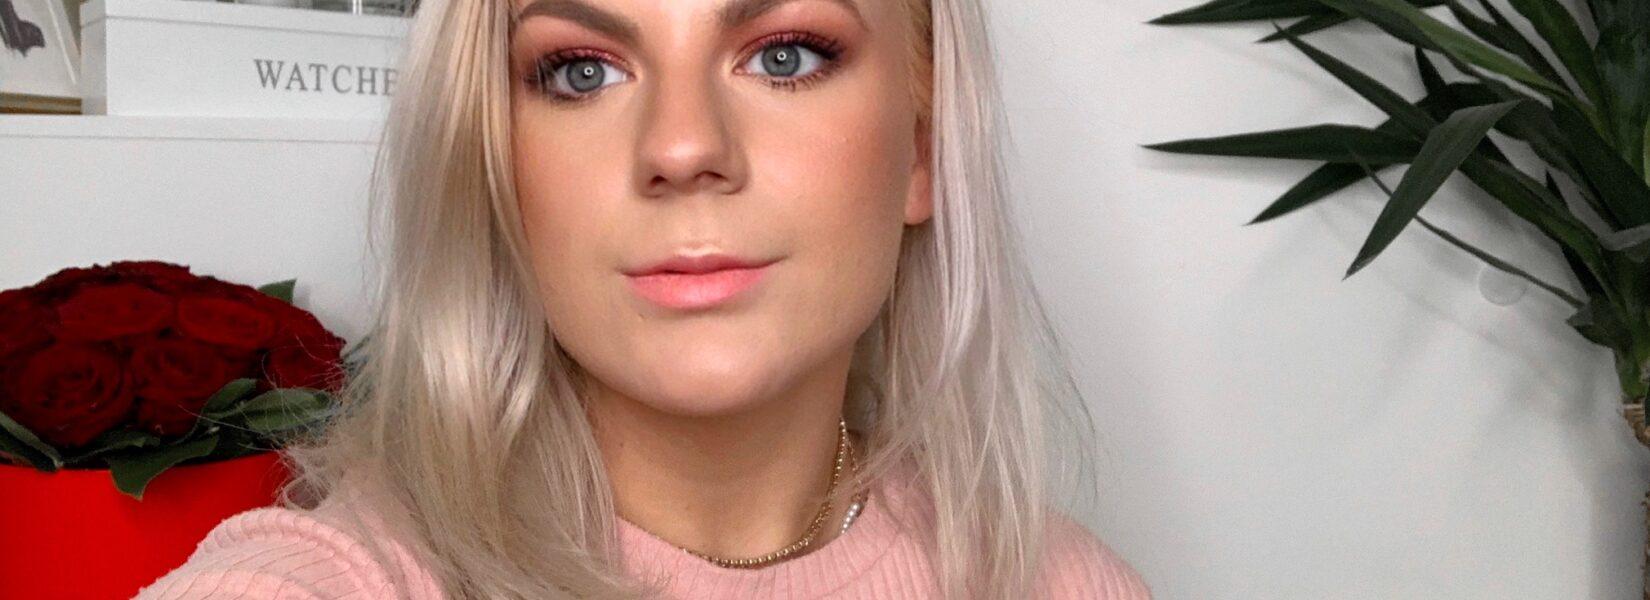 Nové video: Líčení s novinkami & makeup tutoriál!